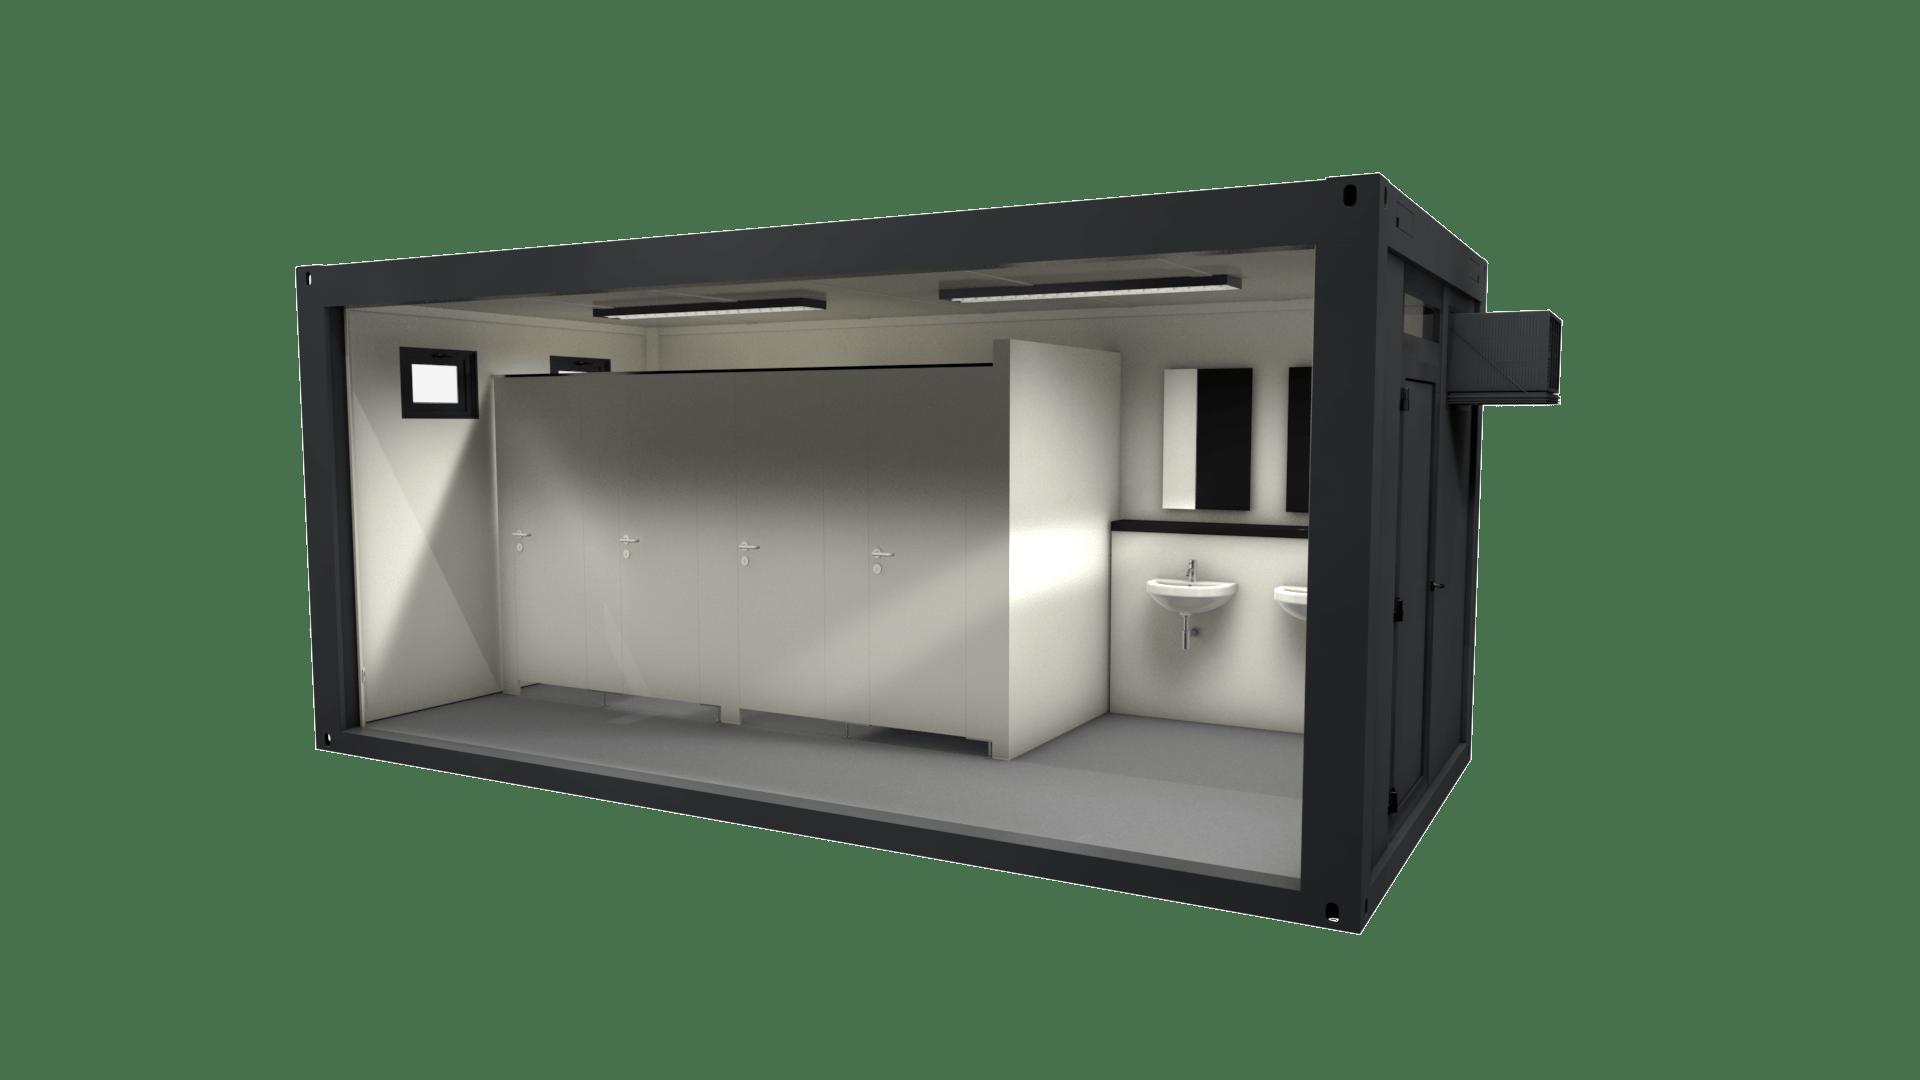 Container Modul 18 ist ein Sanitärcontainer, ausgestattet als Damentoilette